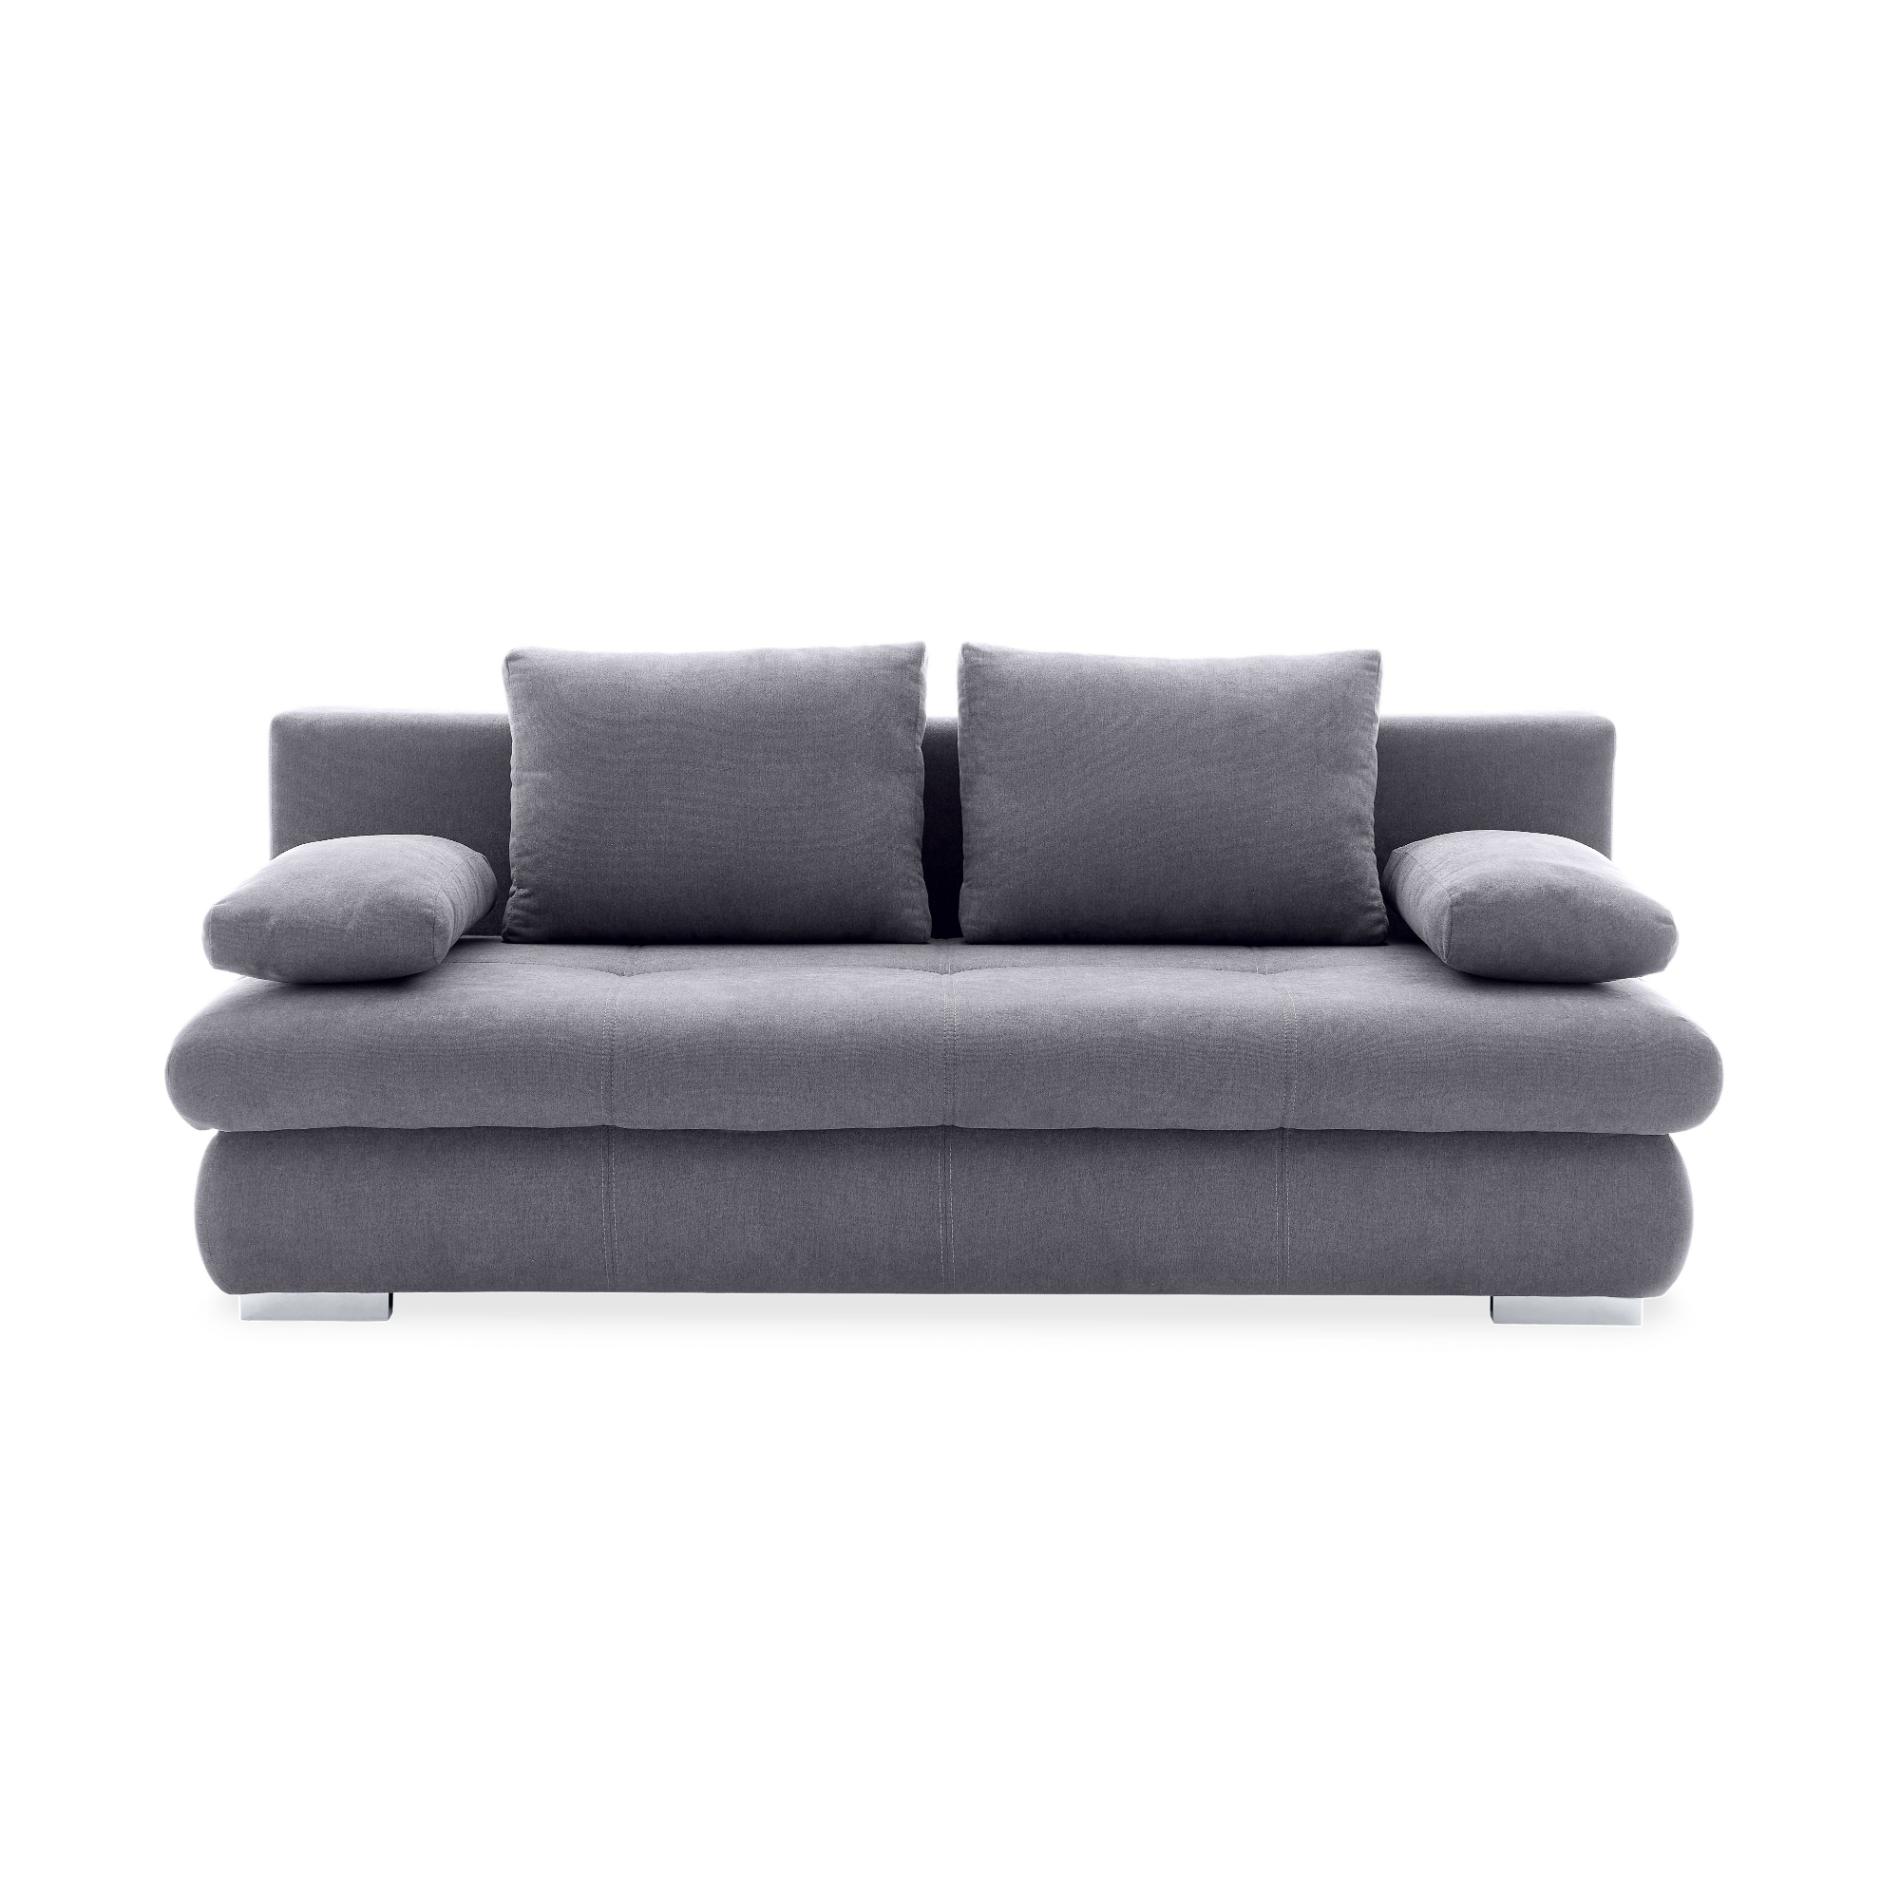 Full Size of Mondo Sofa Langes U Form Stoff Grau 2 Sitzer Mit Schlaffunktion Ewald Schillig Schlafzimmer Set Matratze Und Lattenrost Ausziehbar Big Home Affaire Sofa Schlaf Sofa